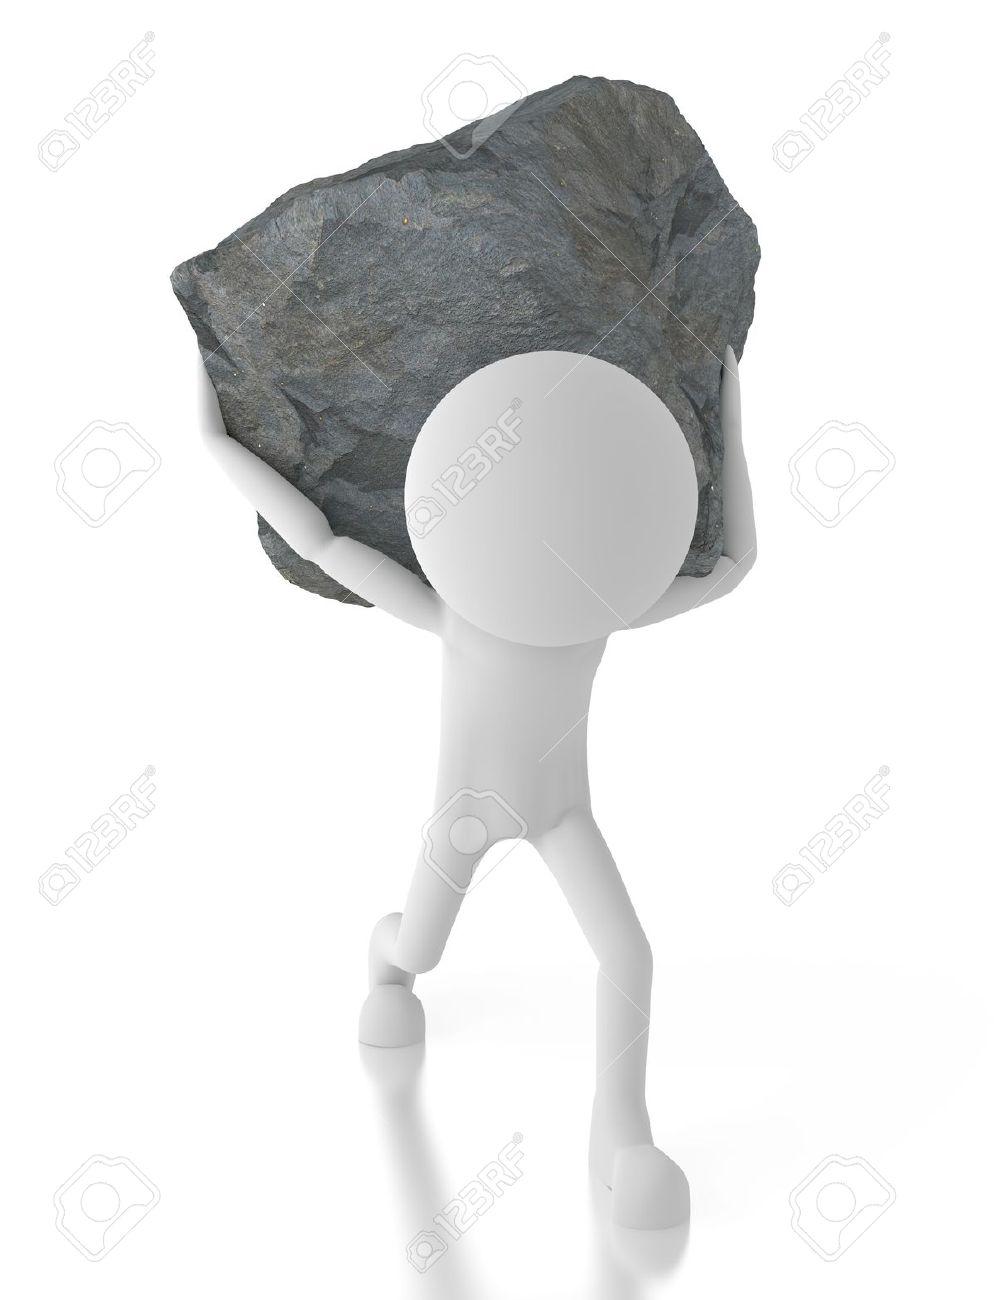 Boulder clipart illustration. Hard rock big free